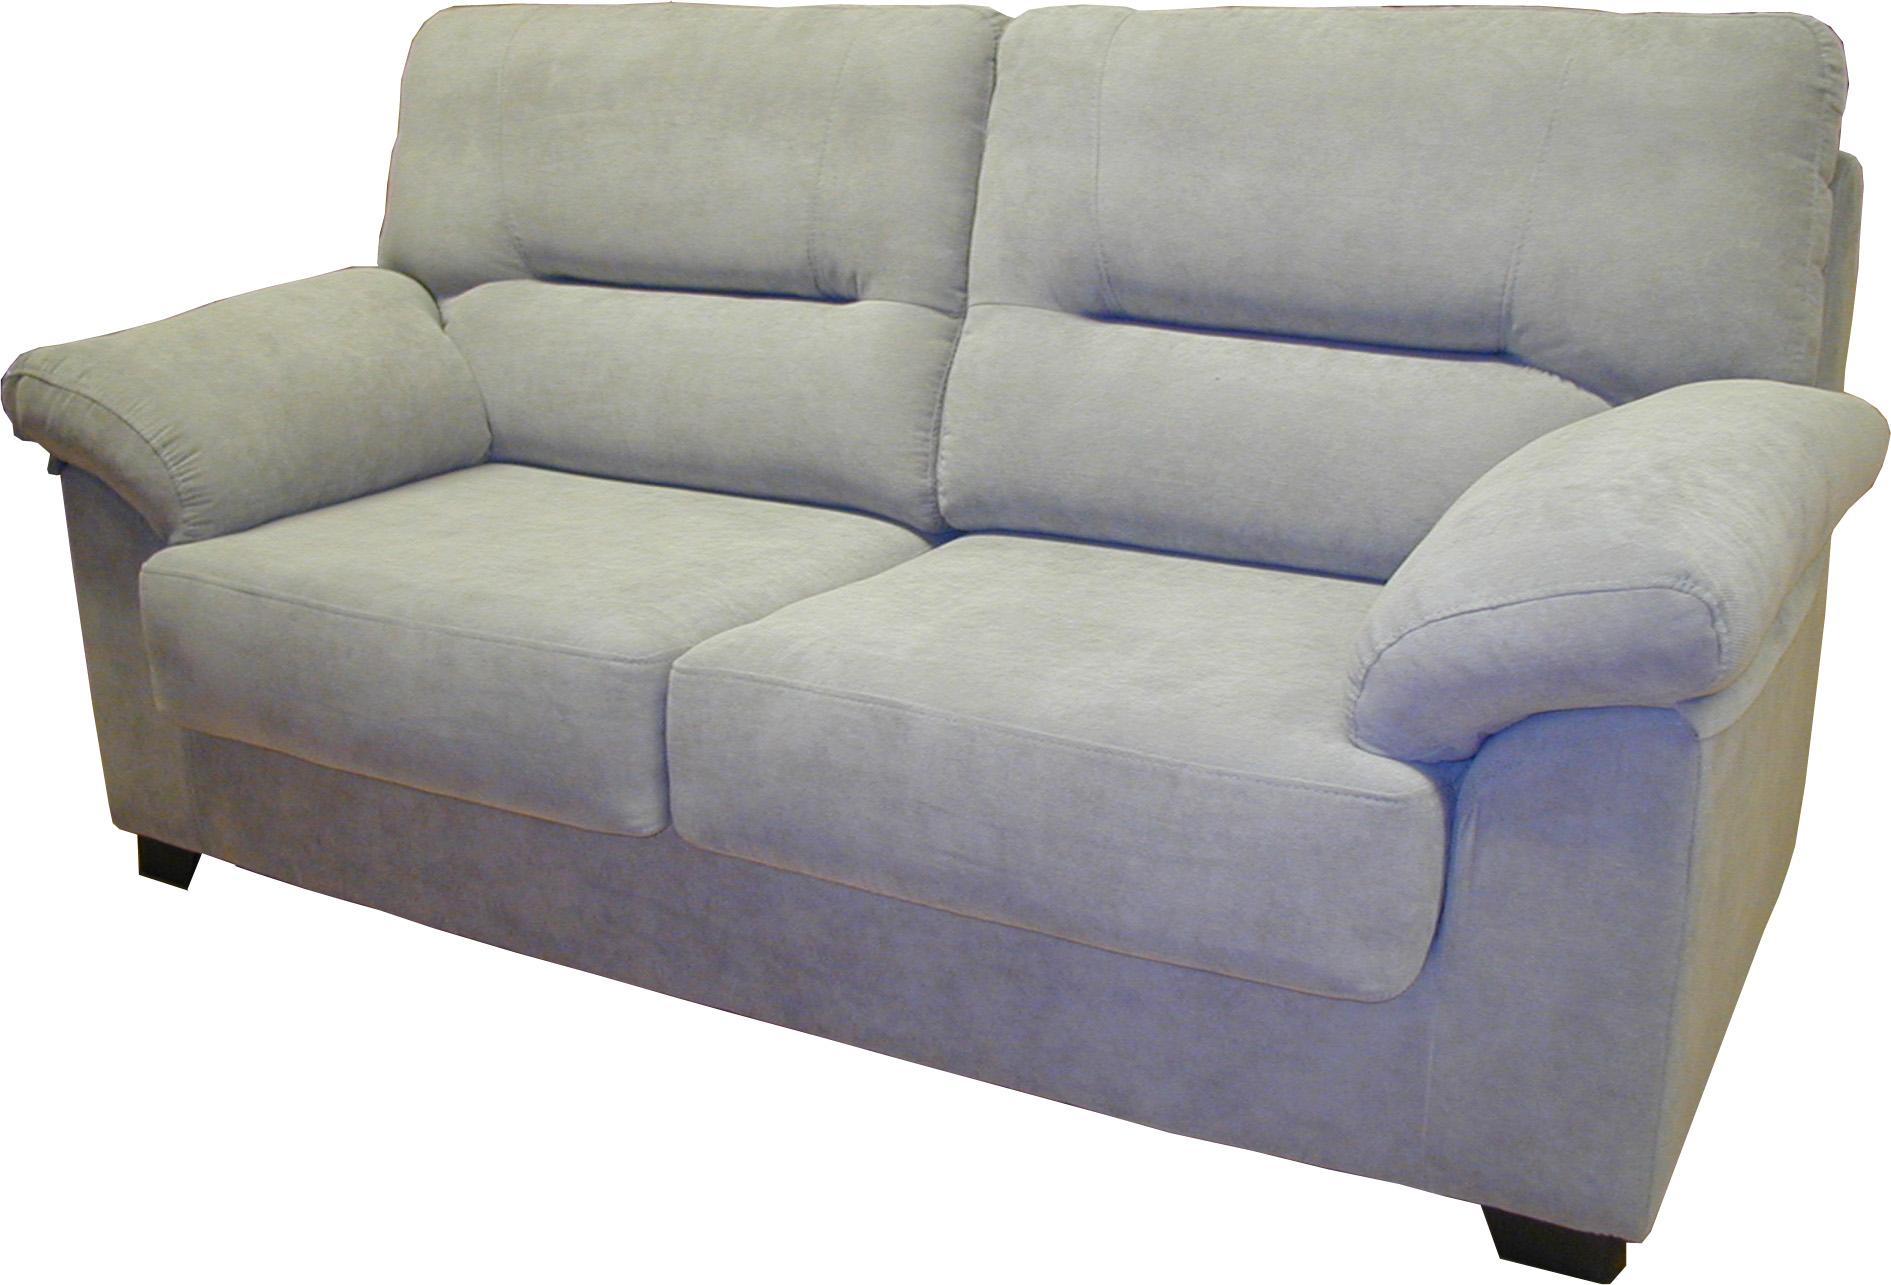 Sofa emily for Muebles acedo almendralejo